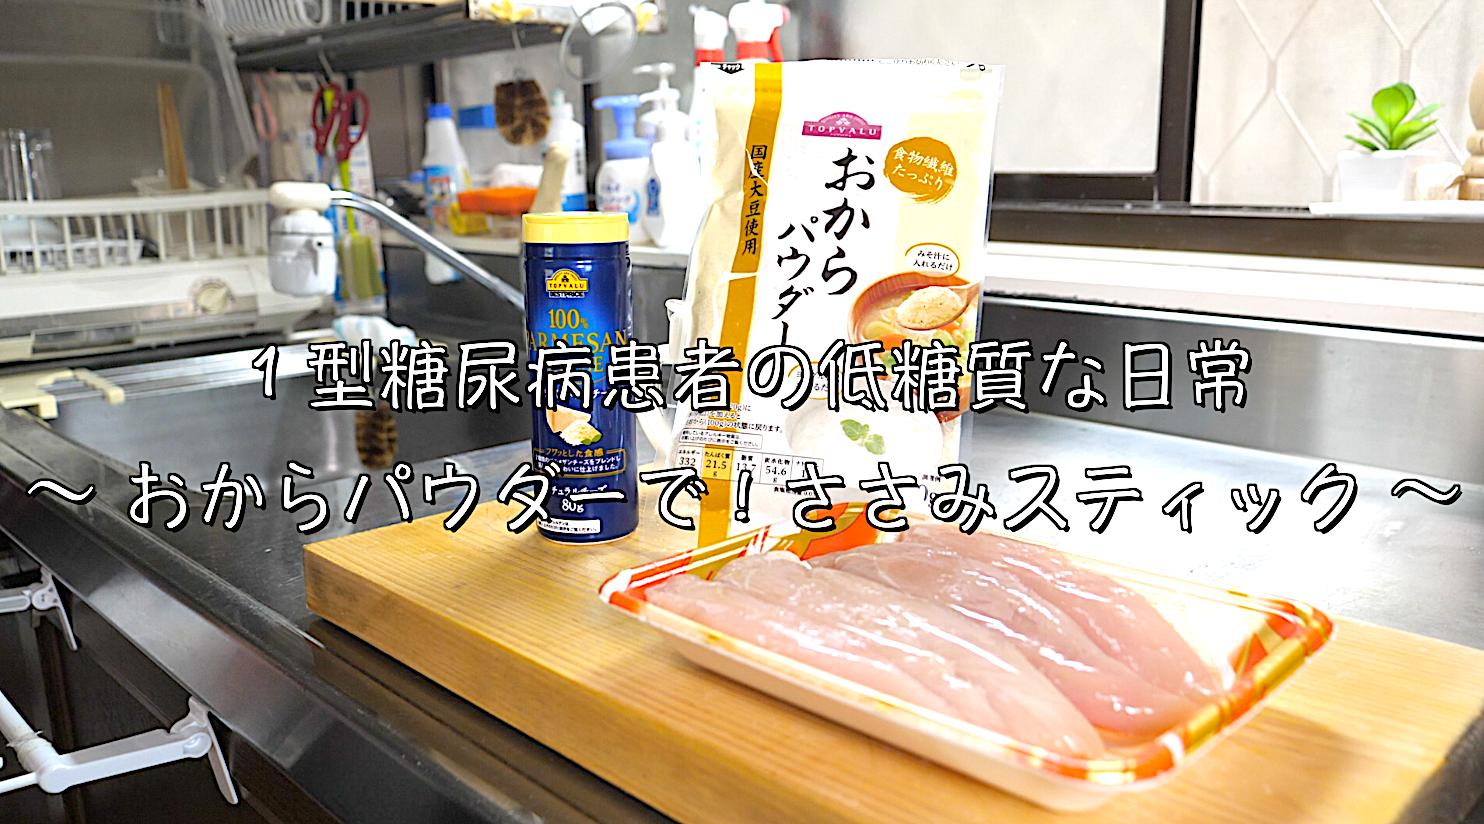 おからパウダー 唐揚げ レシピ 低糖質